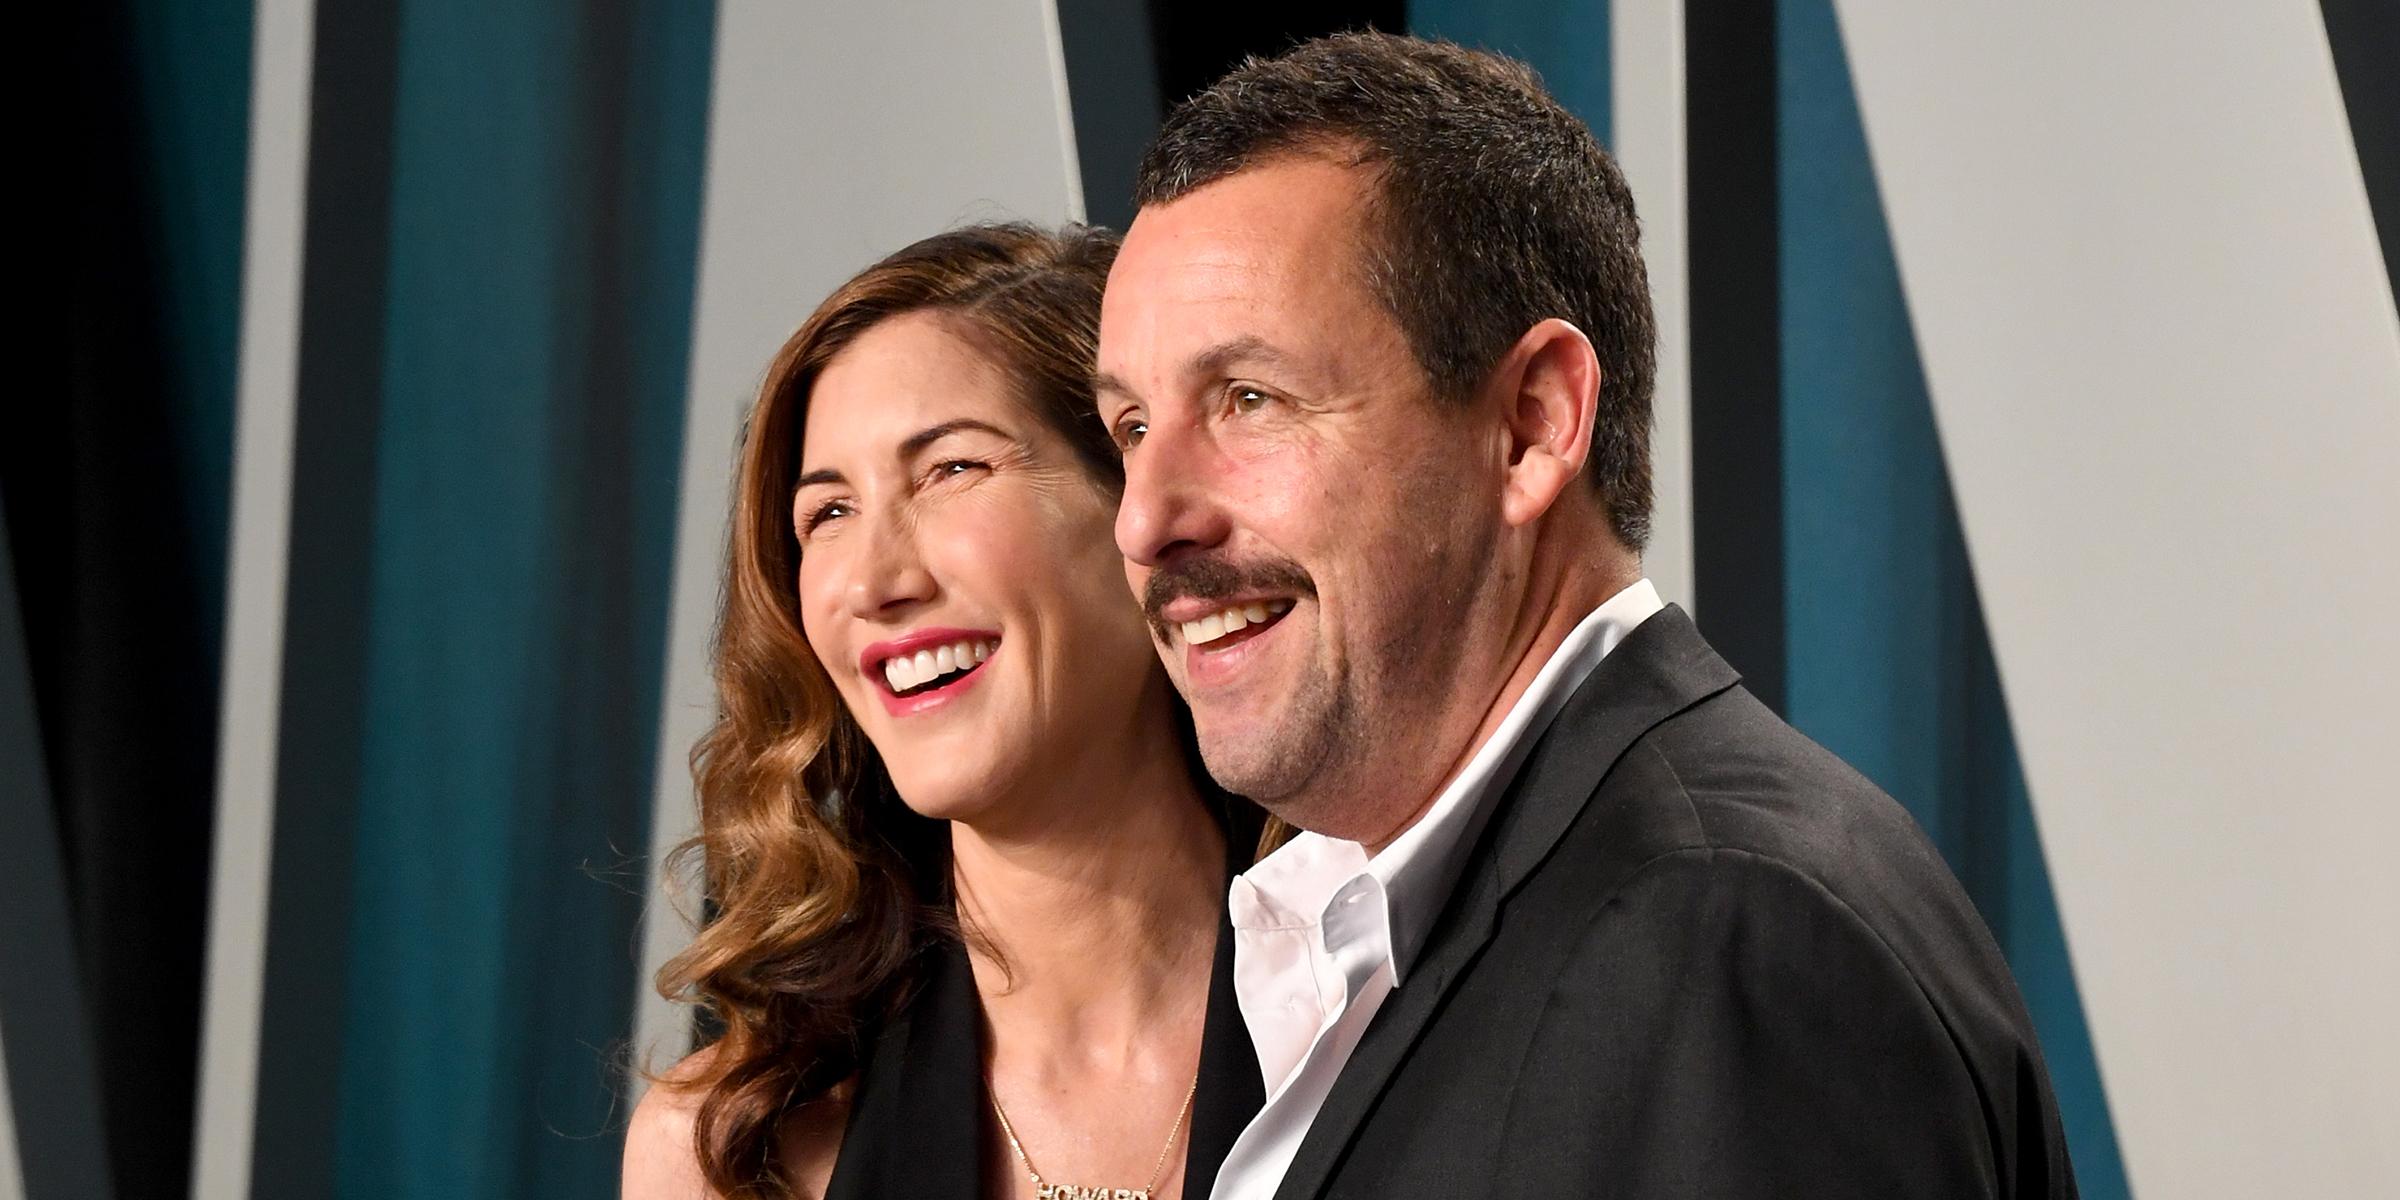 Adam Sandler Honors Wife Jackie On 22nd Anniversary Of Meeting